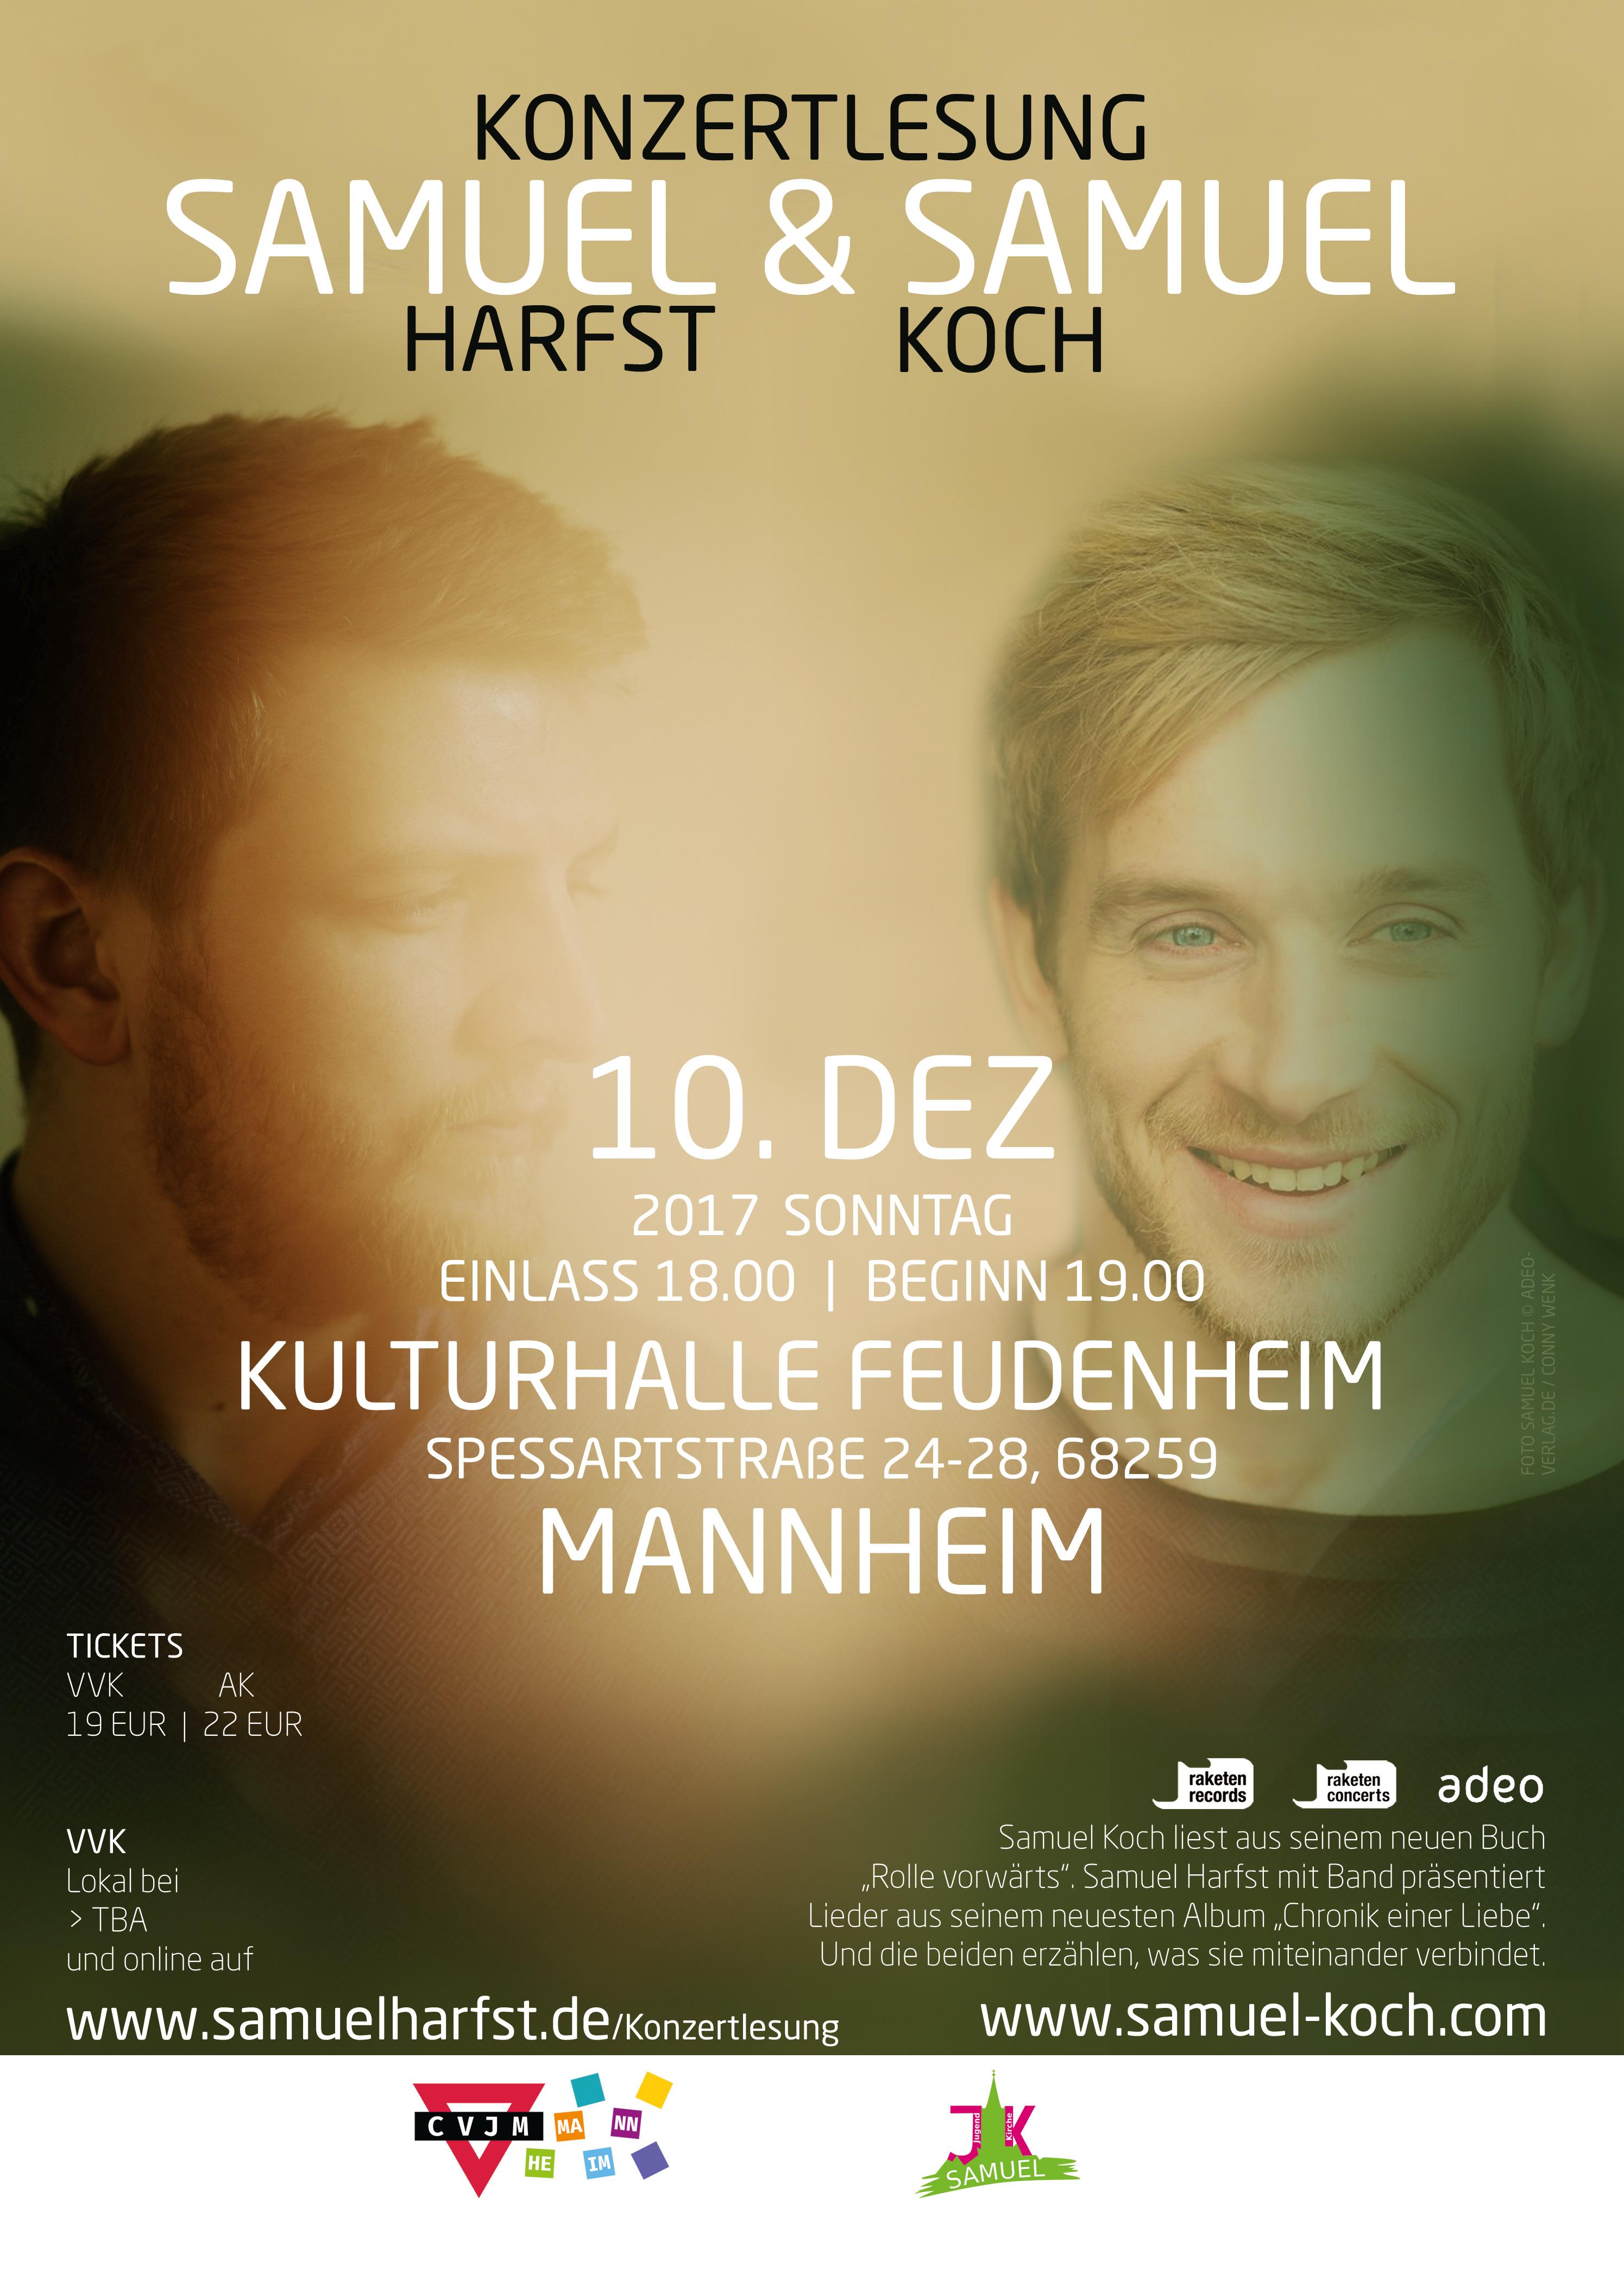 Konzertlesung Samuel Harfst & Samuel Koch MANNHEIM